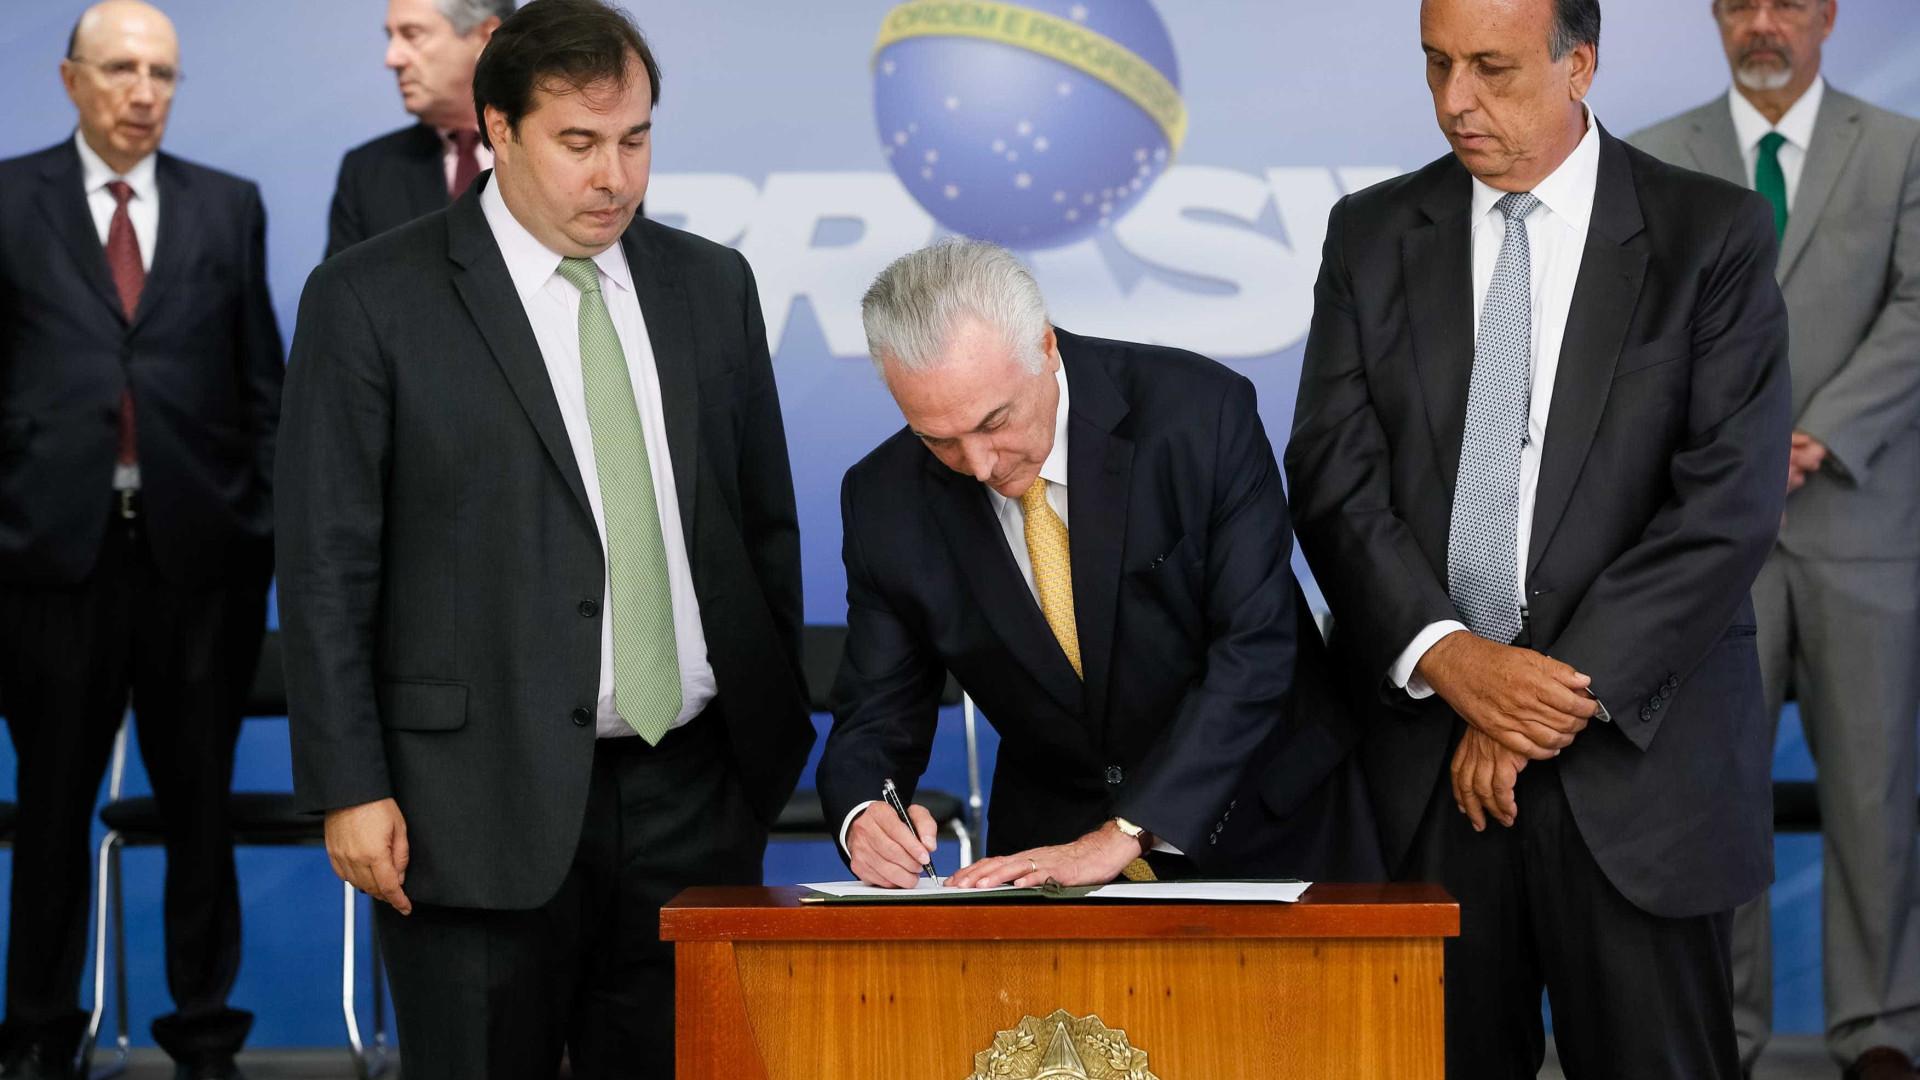 Câmara votará intervenção federal no Rio na segunda-feira